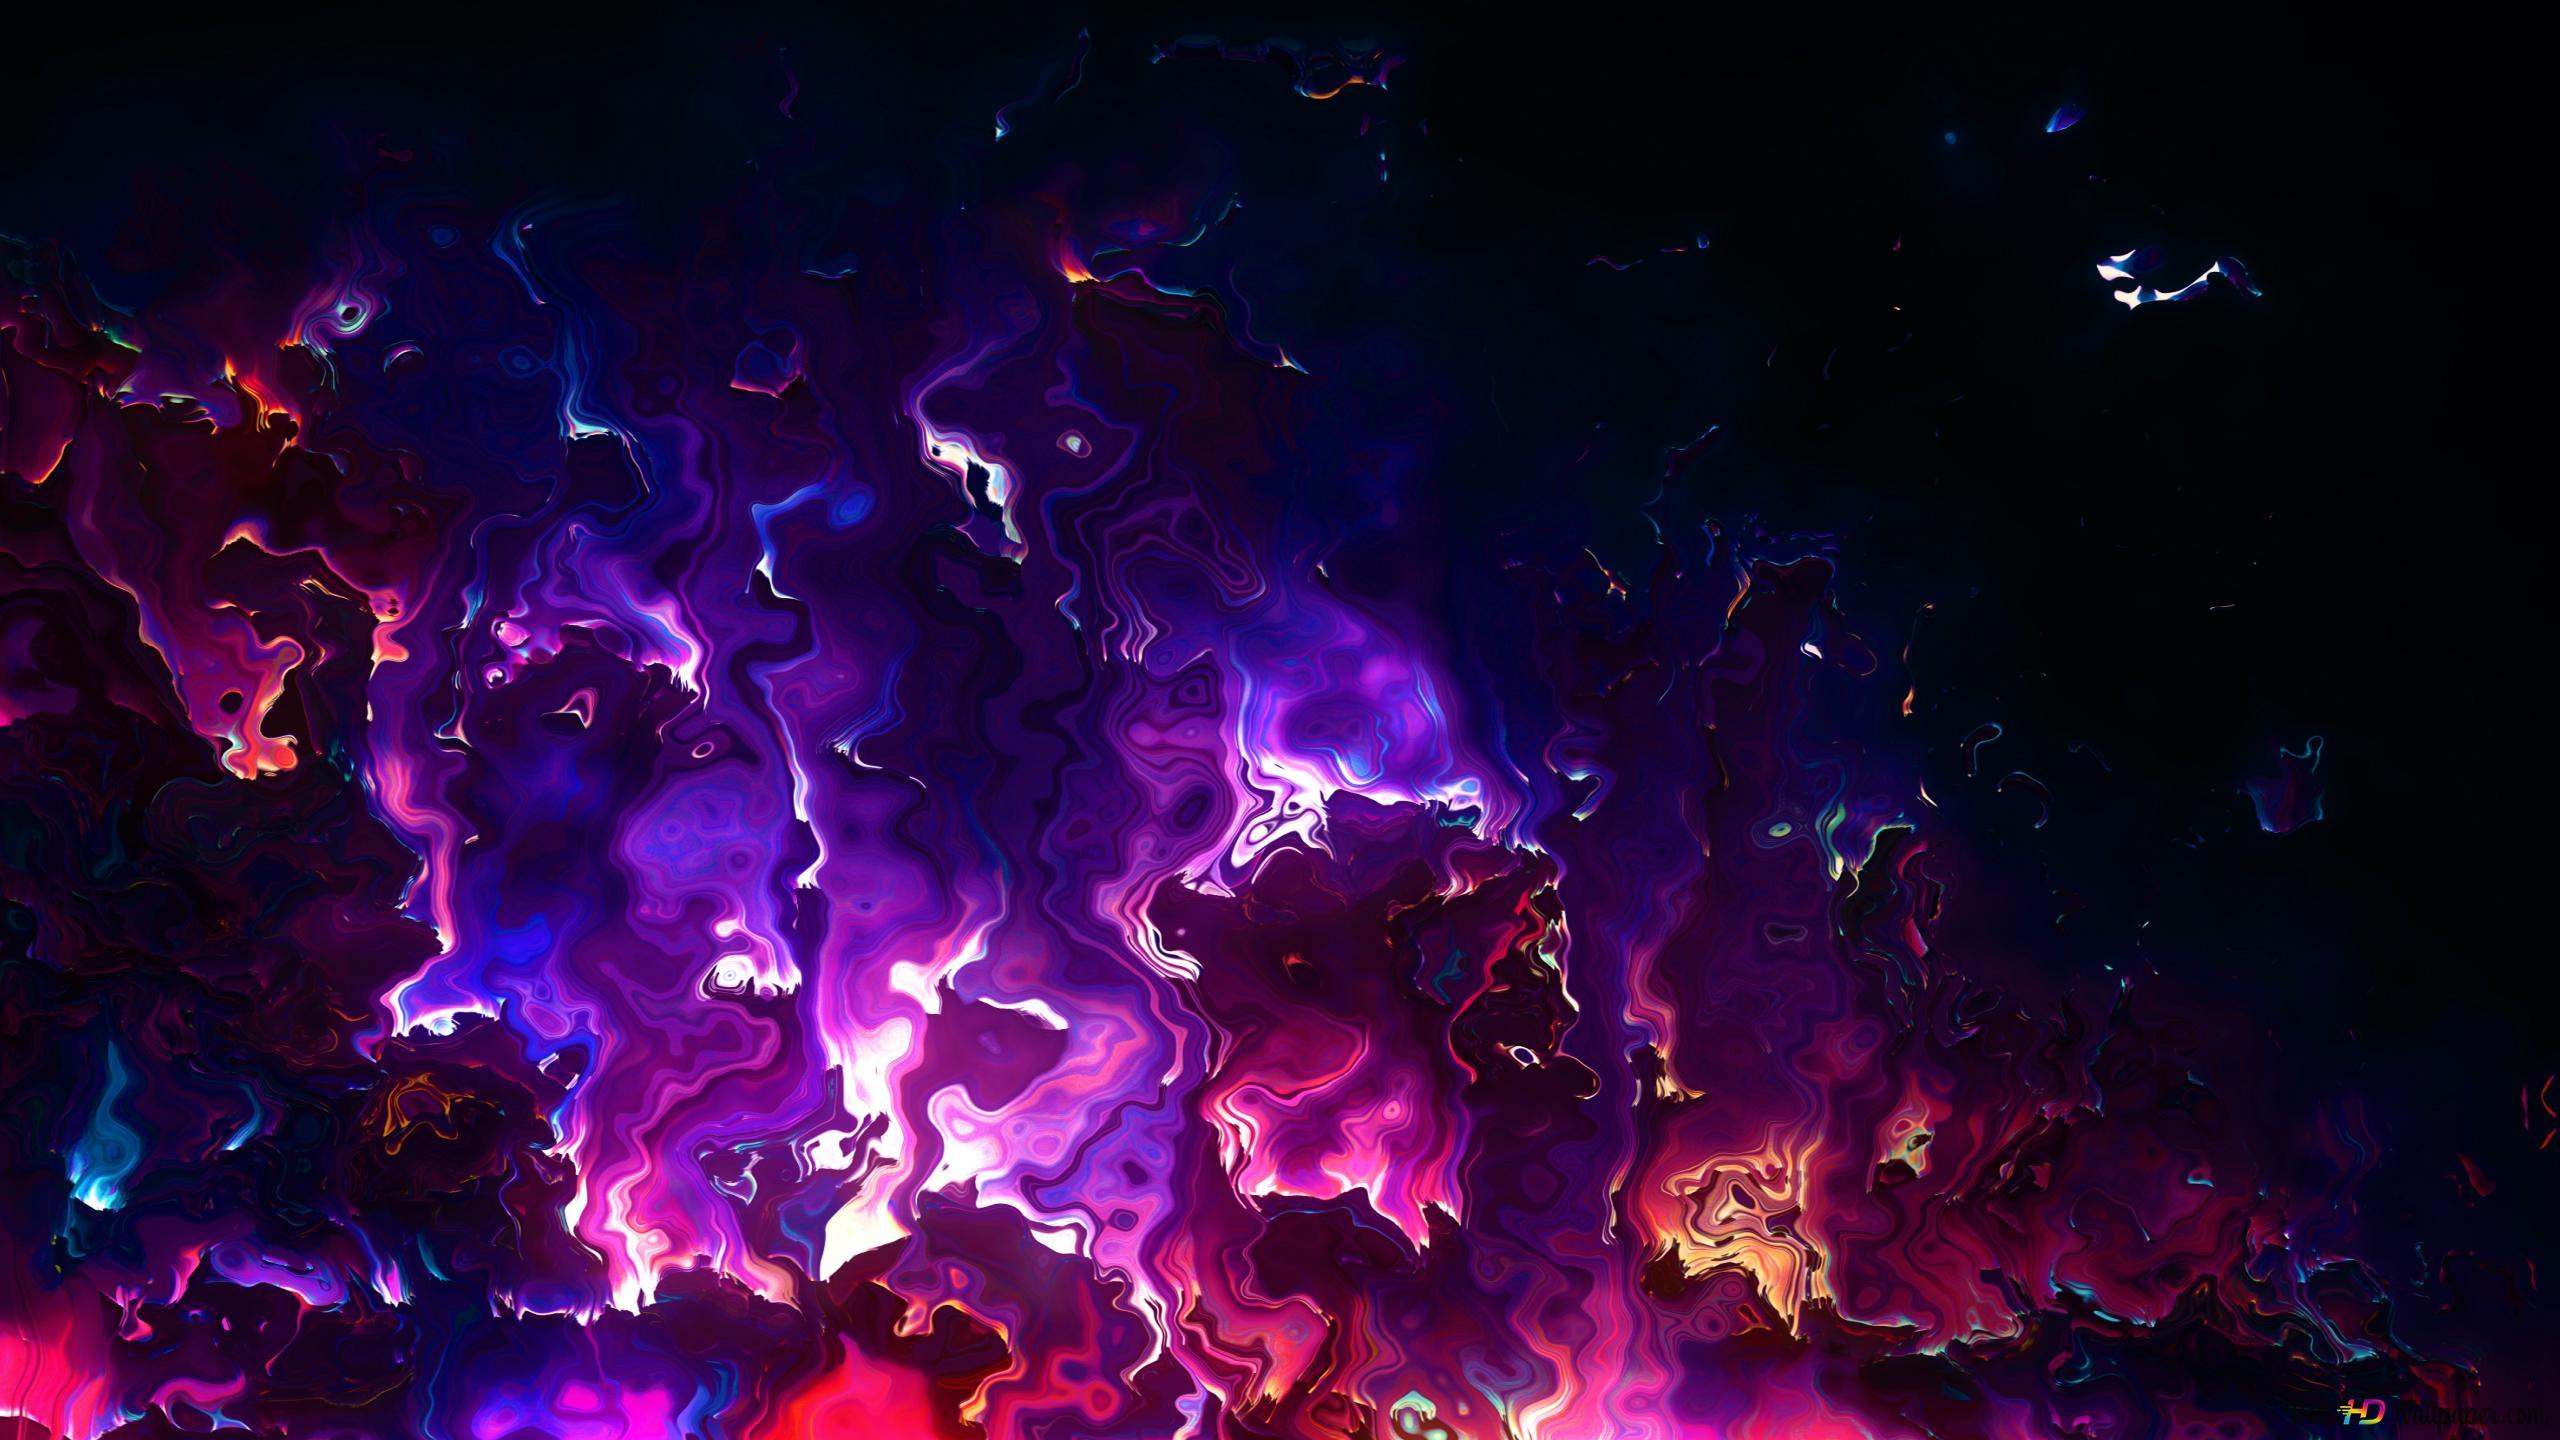 Luci Colorate Astratte Download Di Sfondi Hd